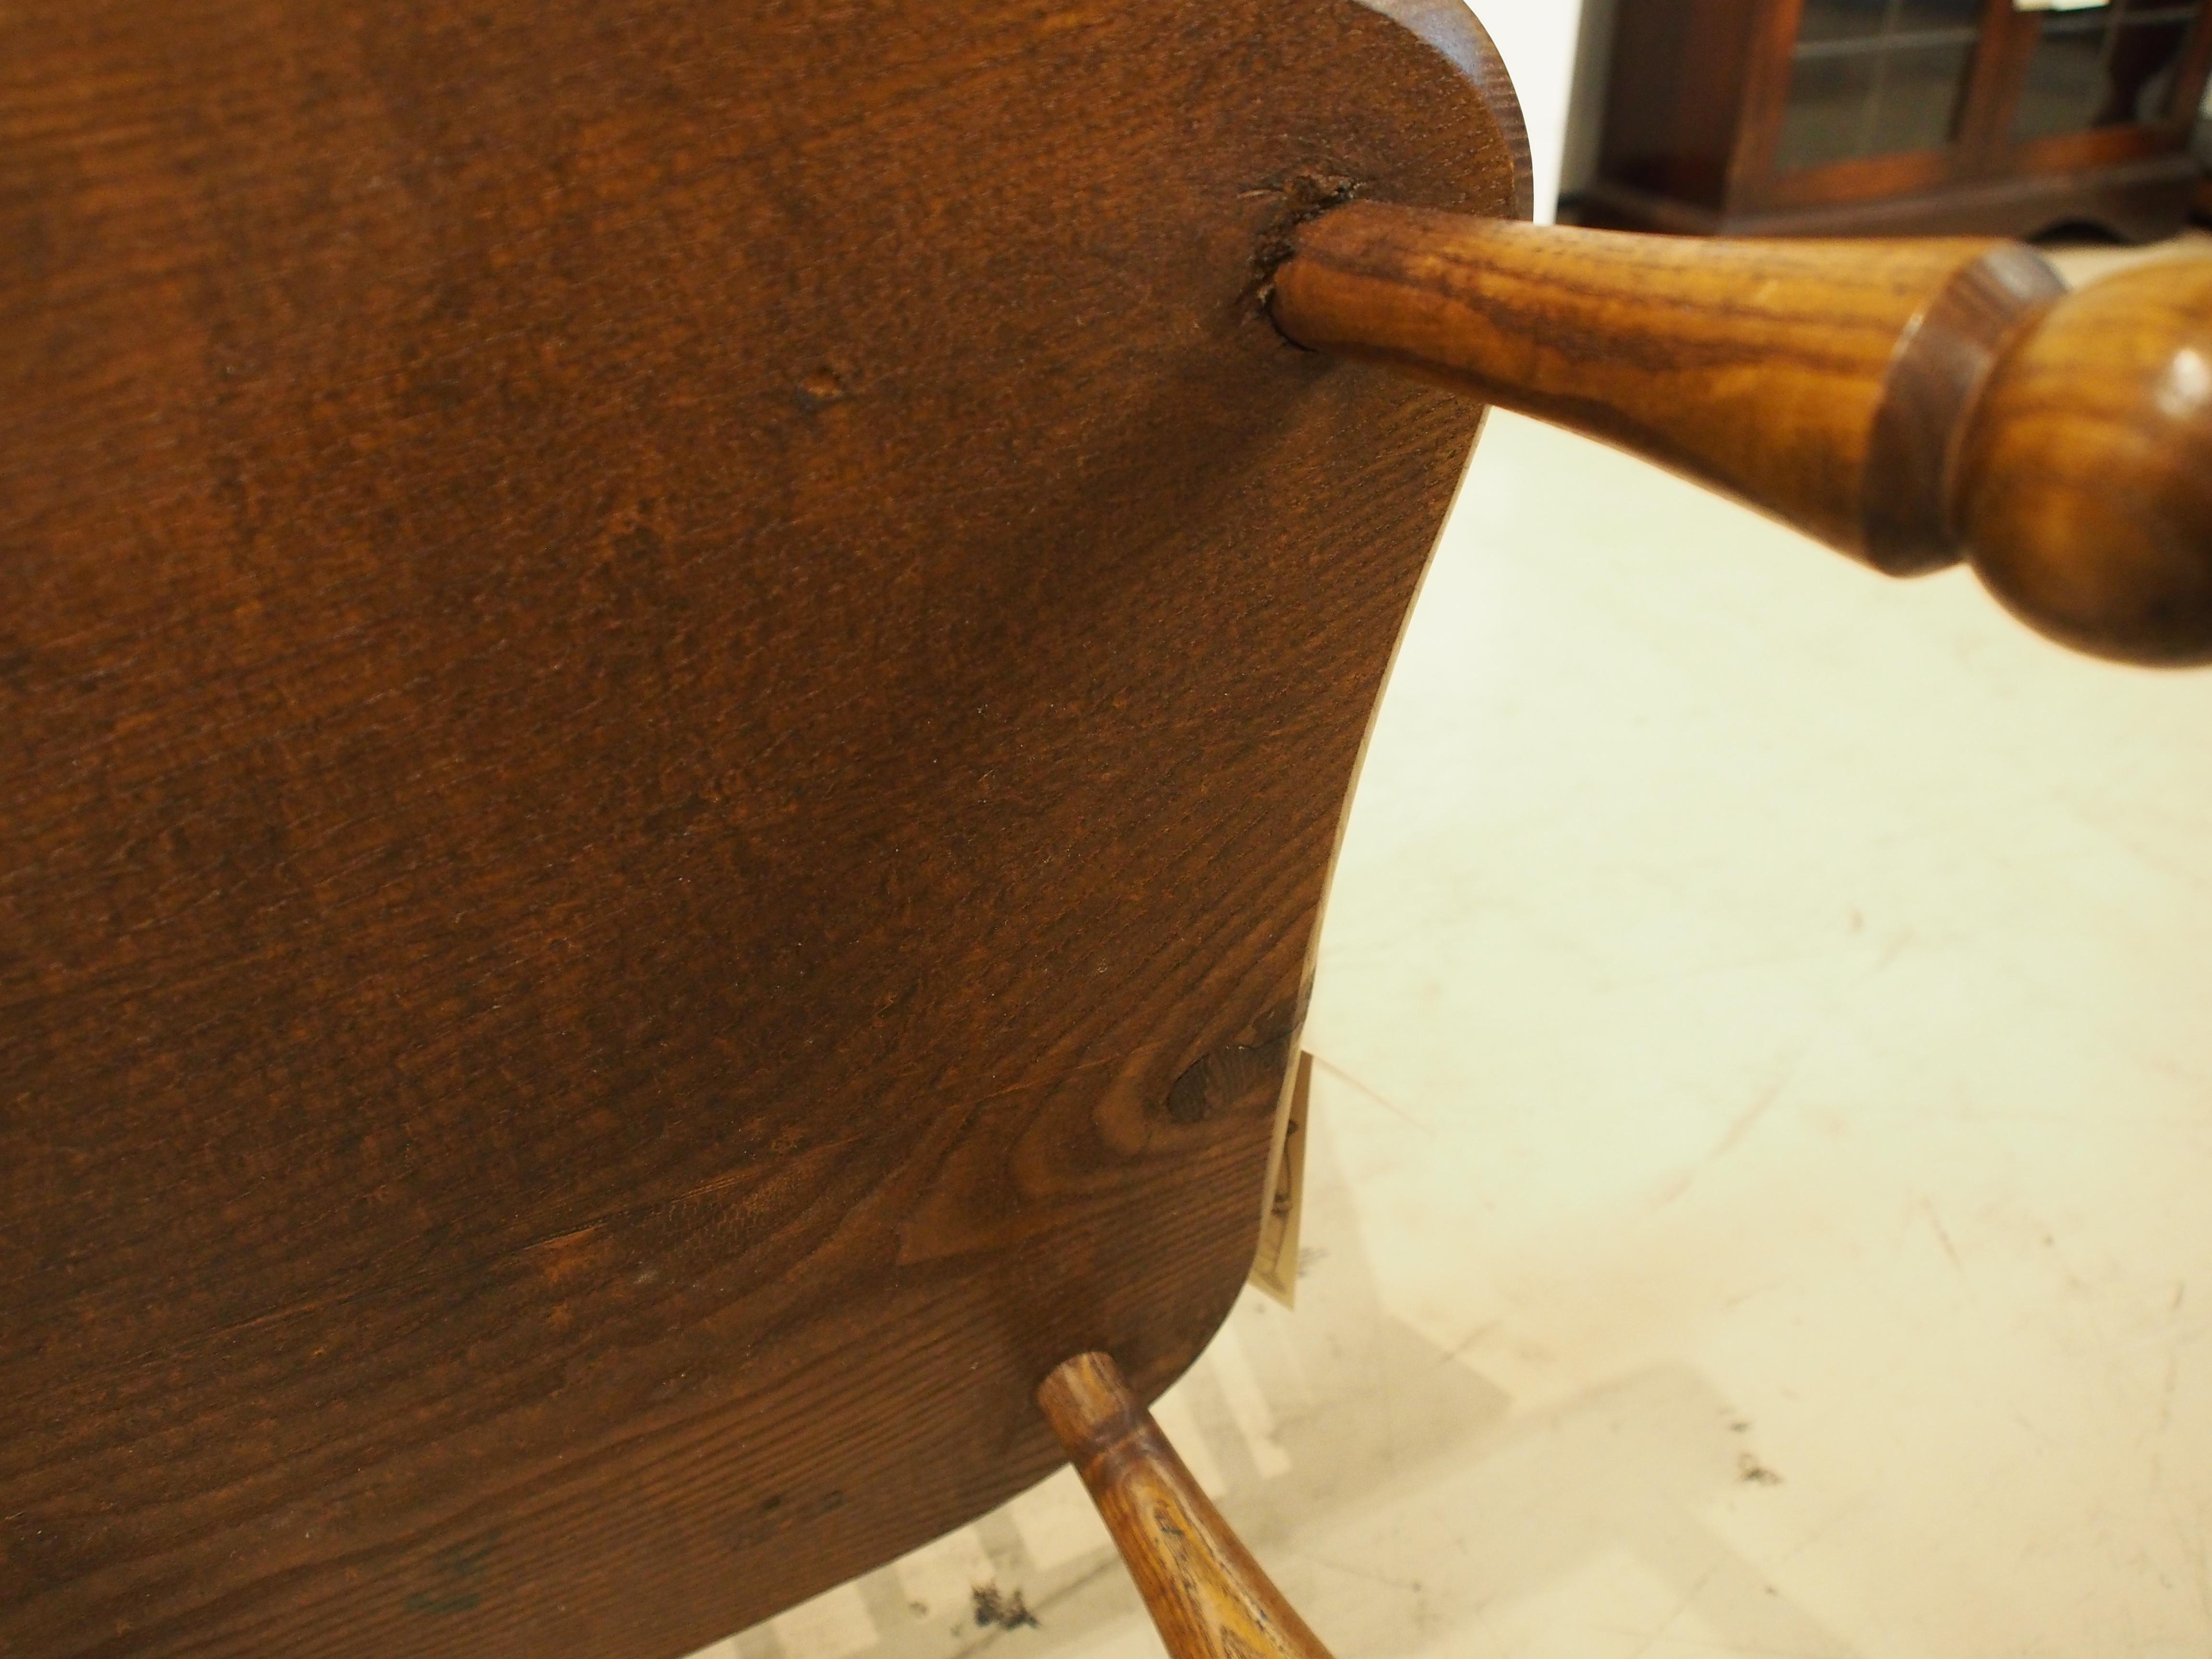 アンティーク家具 アンティーク ウィンザーチェア ウィンザーアームチェア カントリーチェア 肘掛け椅子 一人掛けチェア 椅子 チェア イス イギリスアンティーク